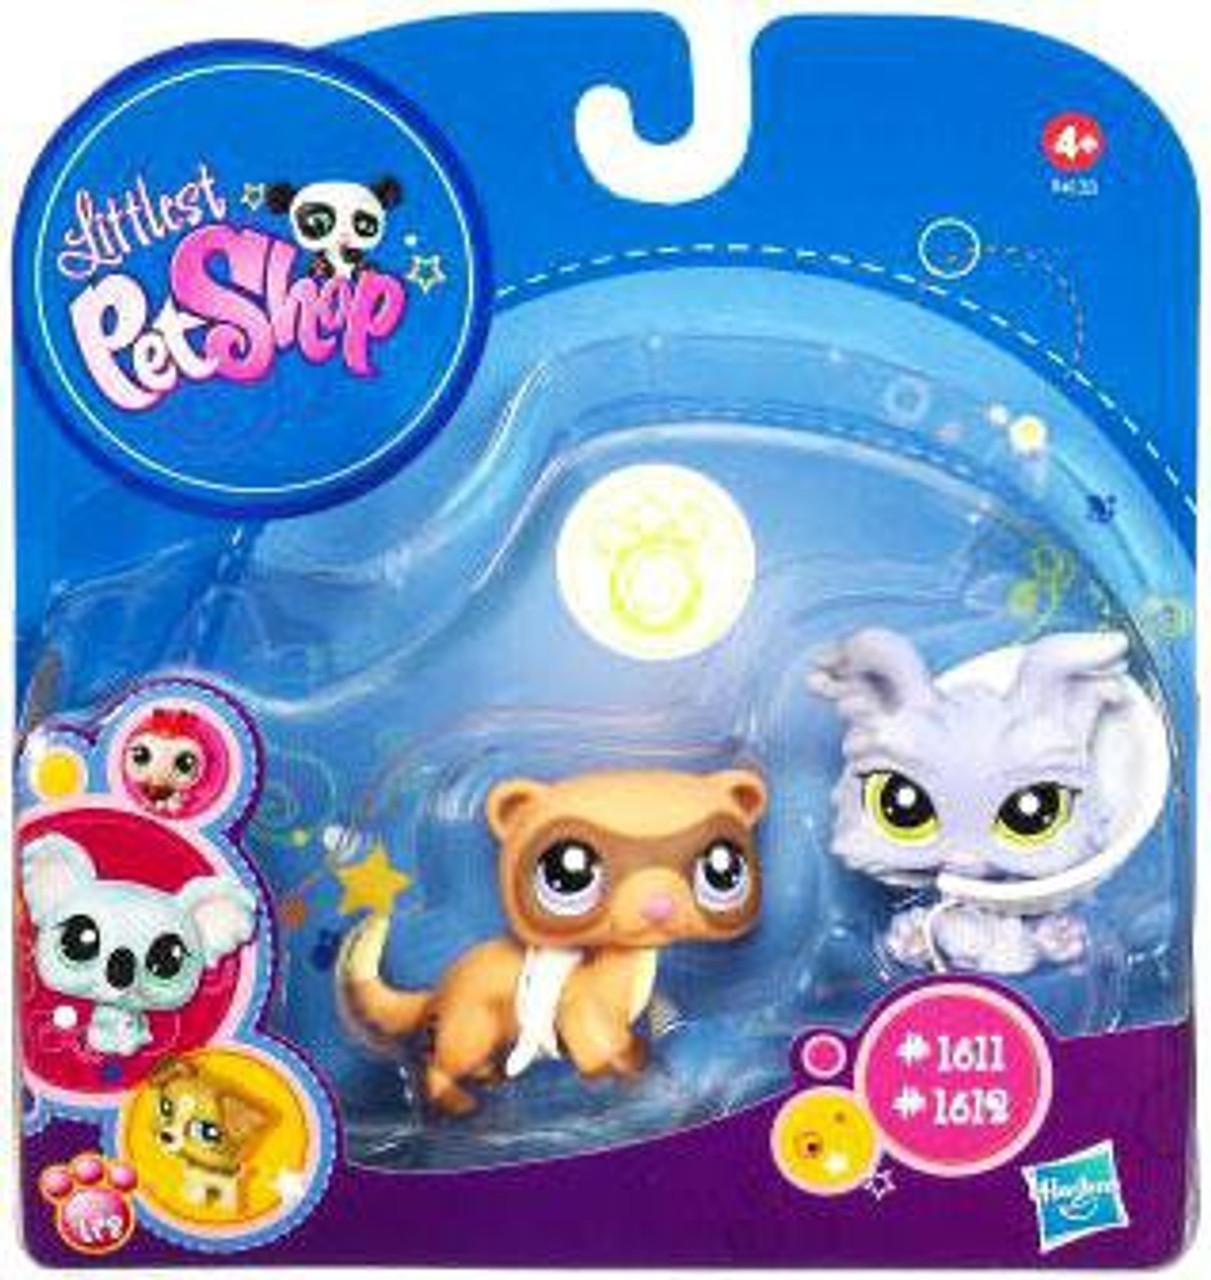 Littlest Pet Shop 2010 Assortment B Series 5 Yorkie & Ferret Figure 2-Pack #1611, 1612